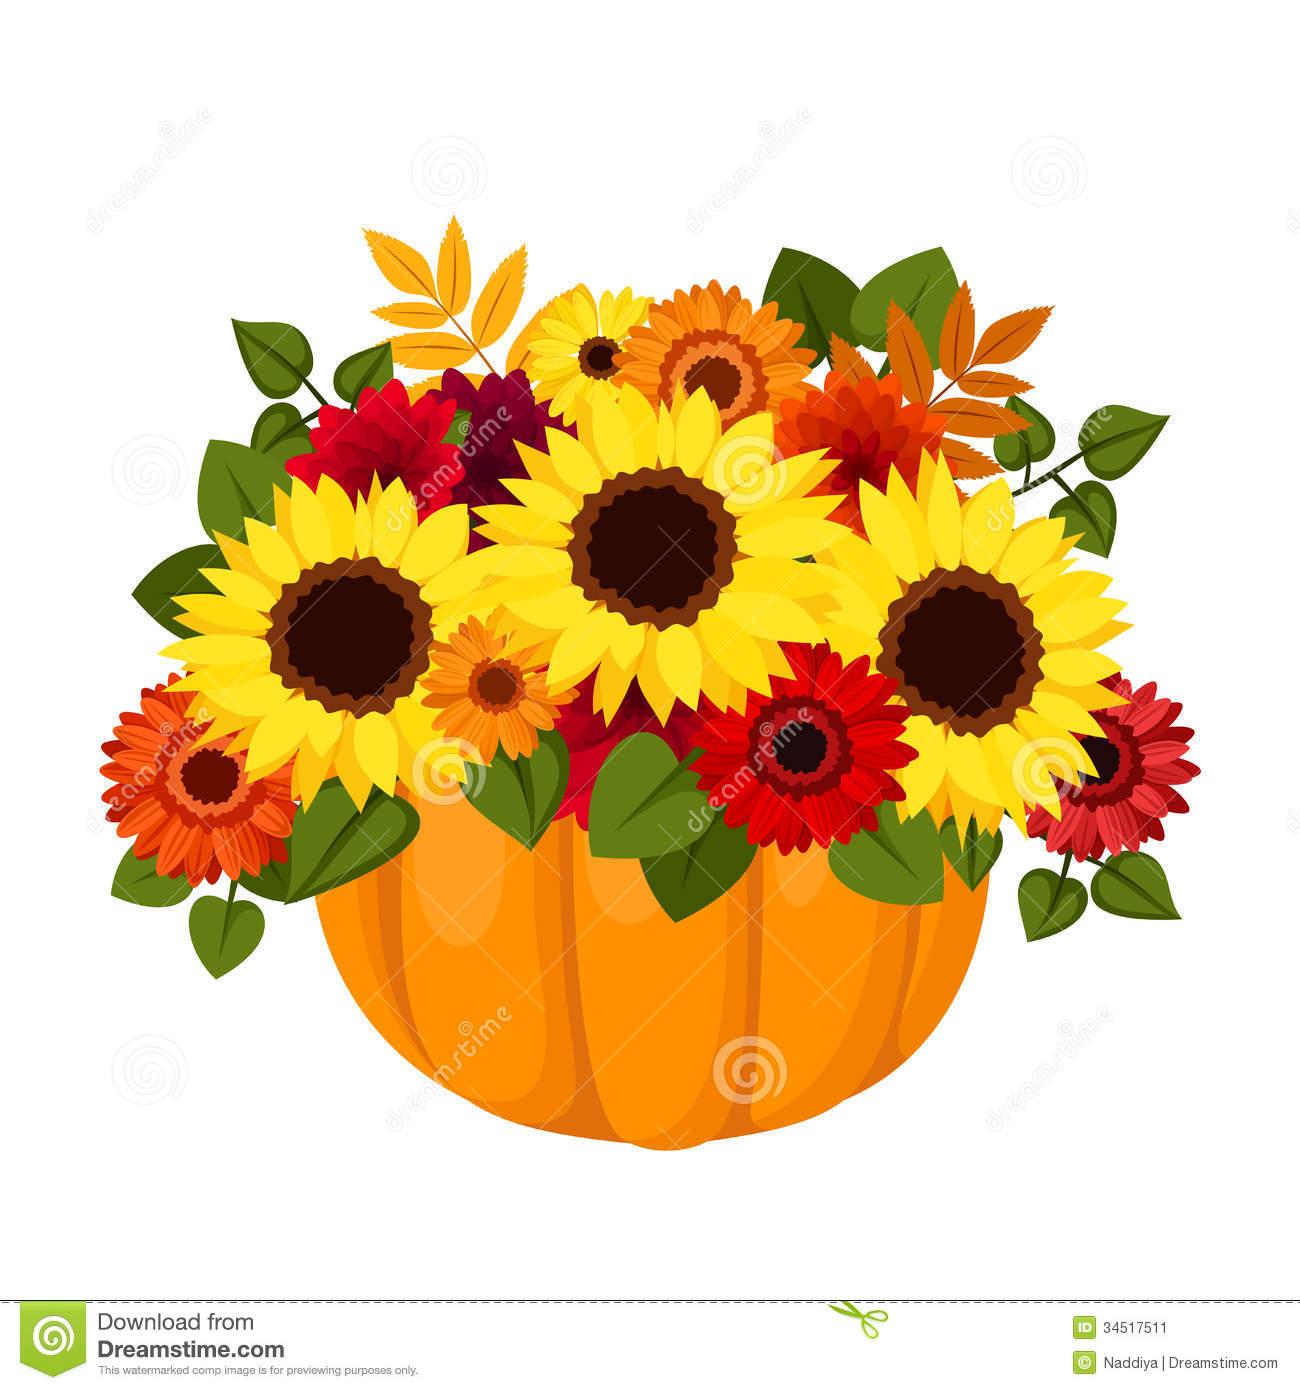 flowers clip art. Clipart fall flower